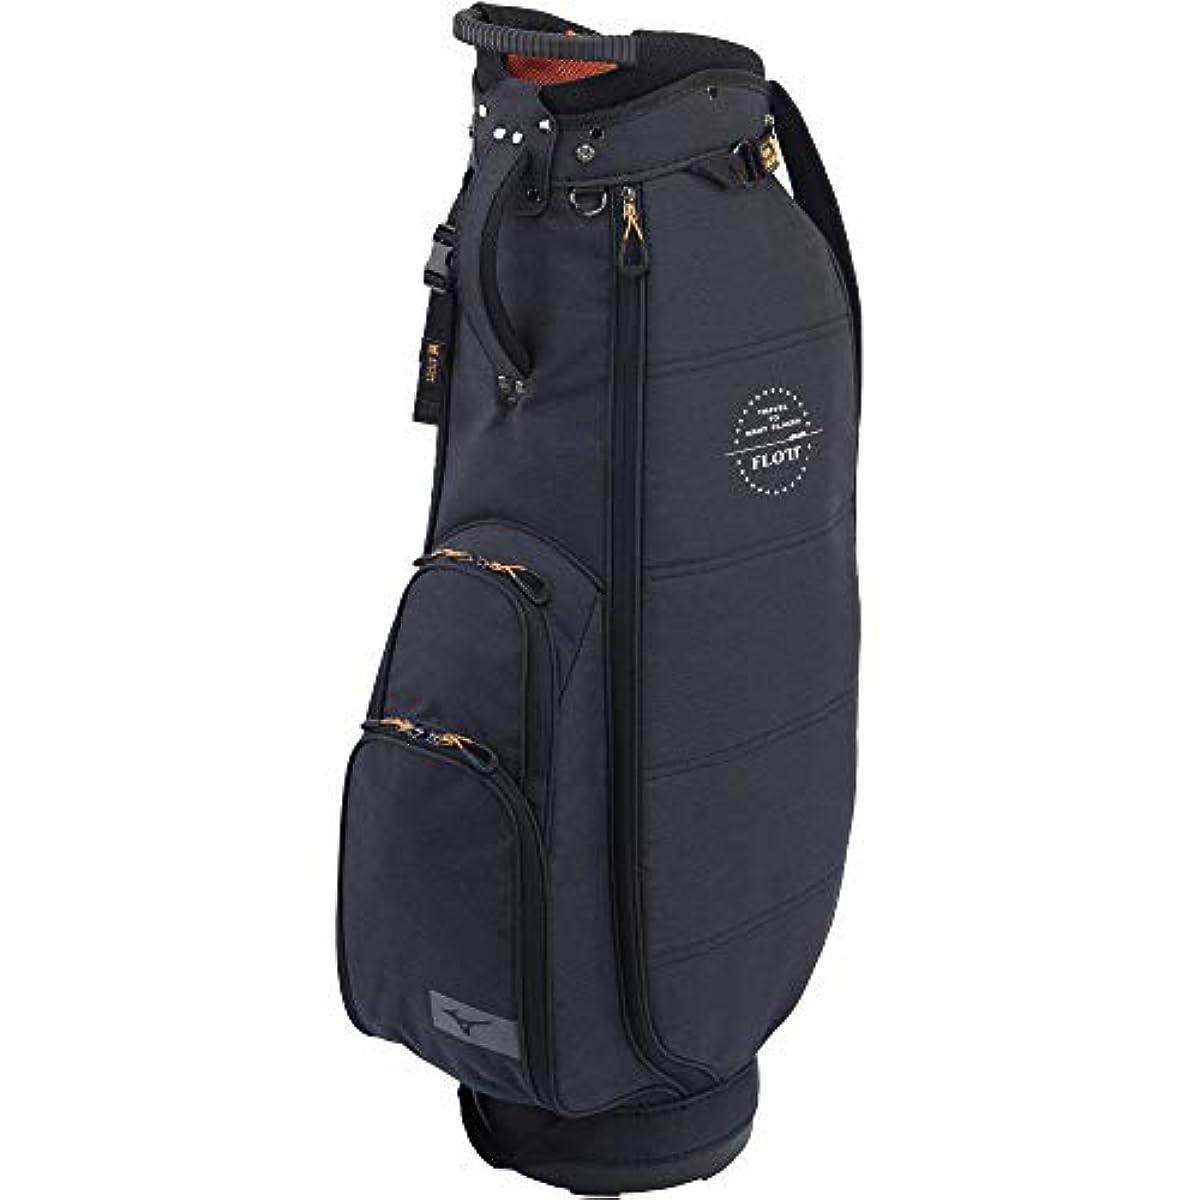 [해외] MIZUNO(미즈노) 골프 캐디백 프로도 맨즈 경량 약2.6KG 8.5퍼터입(67CM)/47인치 대응/5분할 블랙 5LJC202800